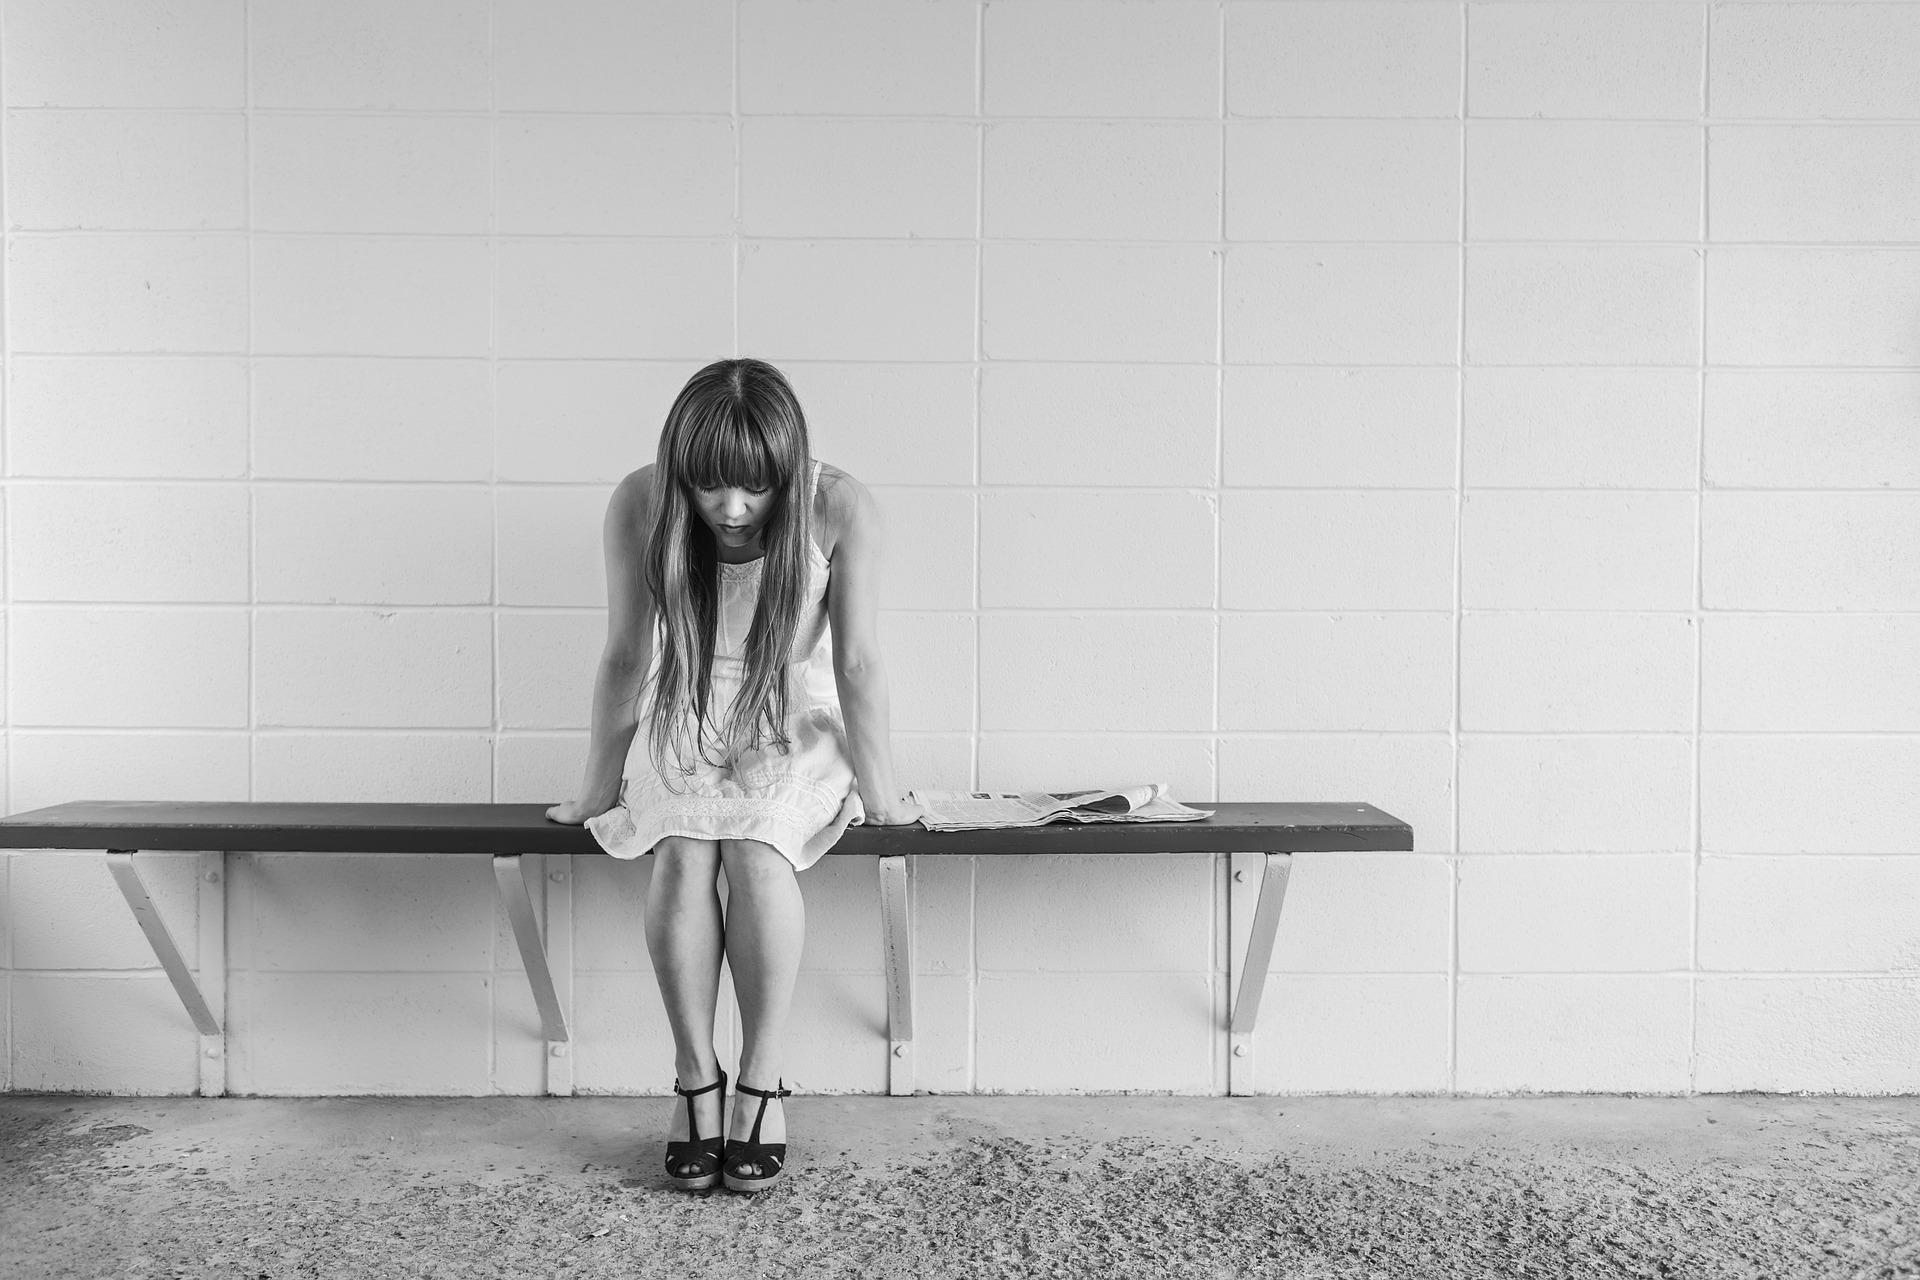 Trabajando juntos para la prevención del suicidio